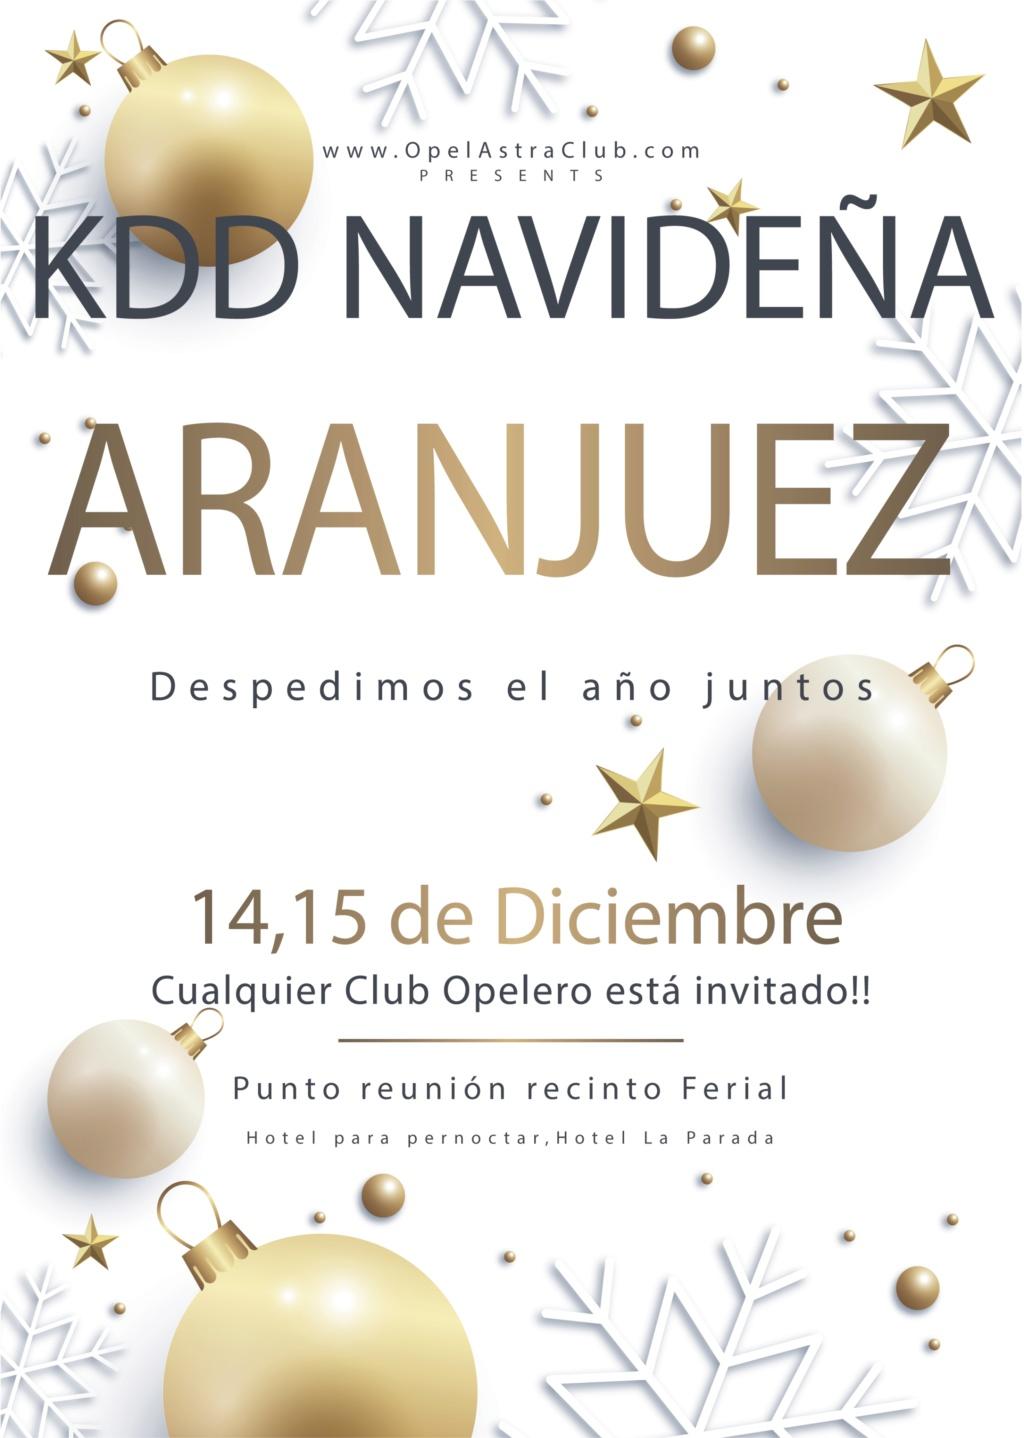 KDD Navideña Opelastraclub 14-15 Diciembre 2019 Aranjuez Kdd_ar10